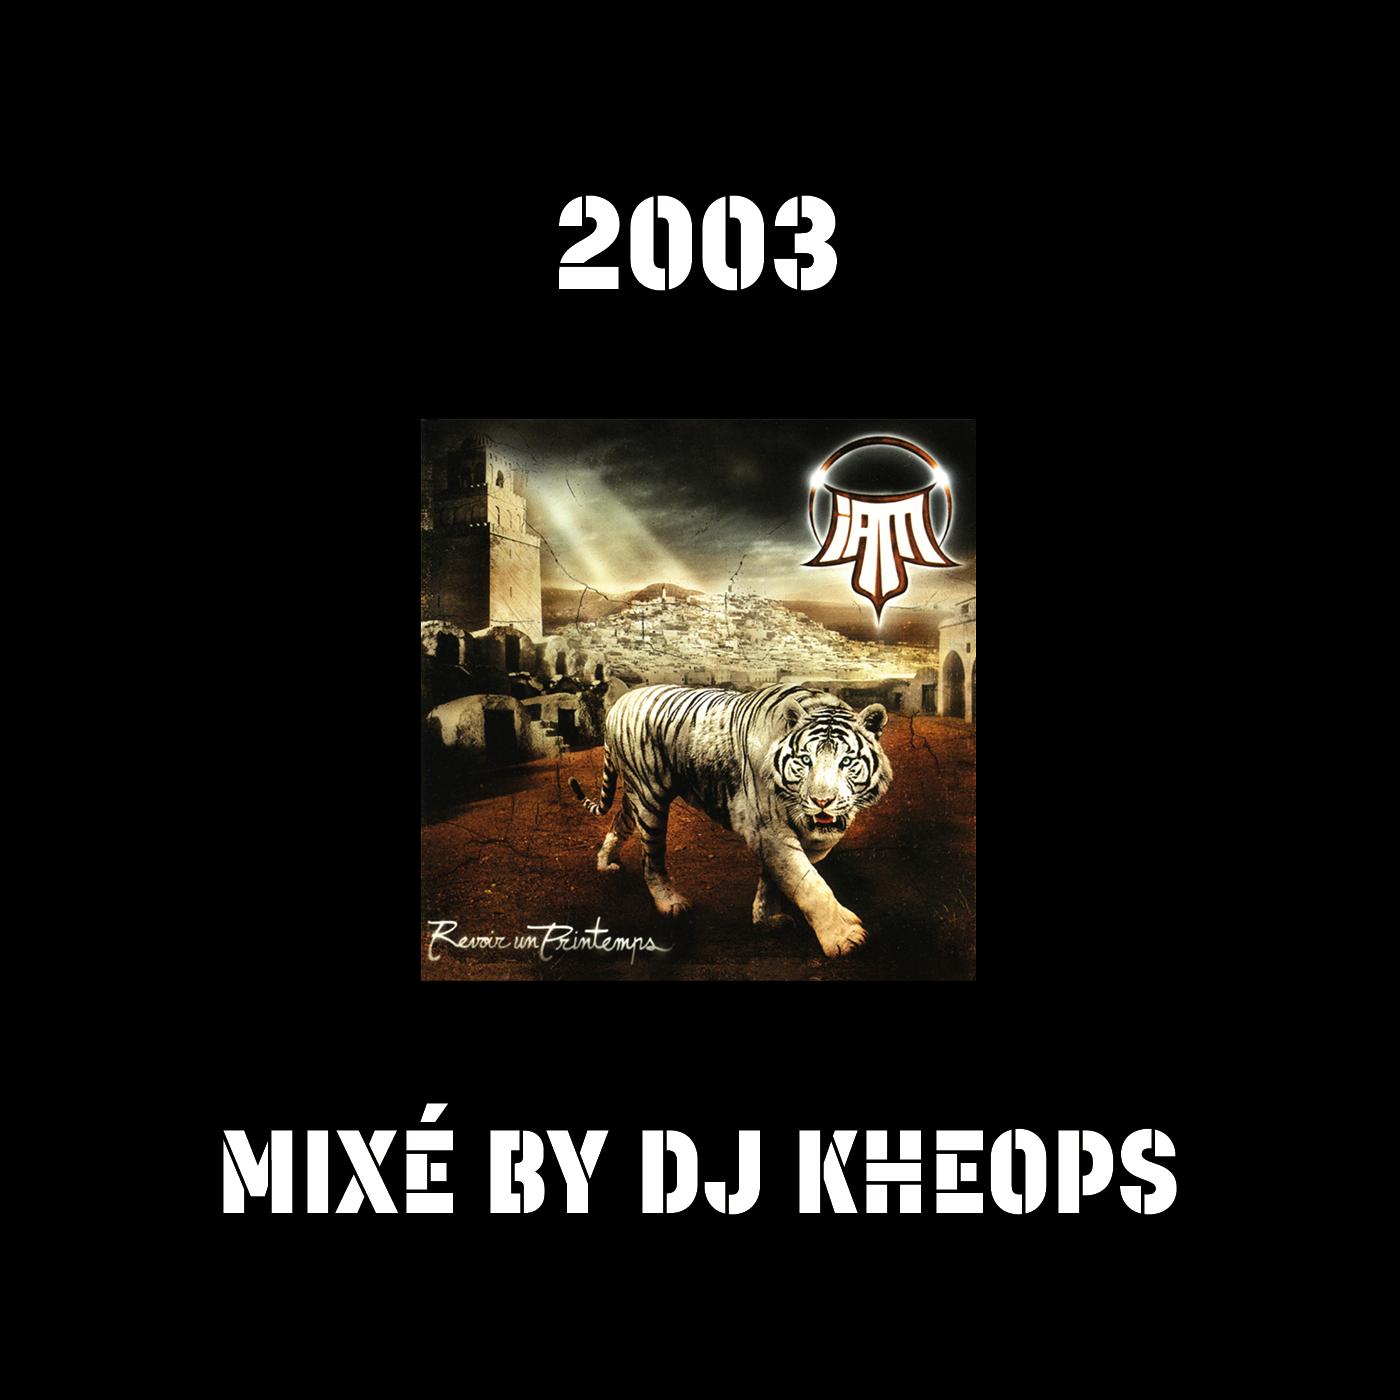 REVOIR UN PRINTEMPS MIXÉ BY DJ KHEOPS